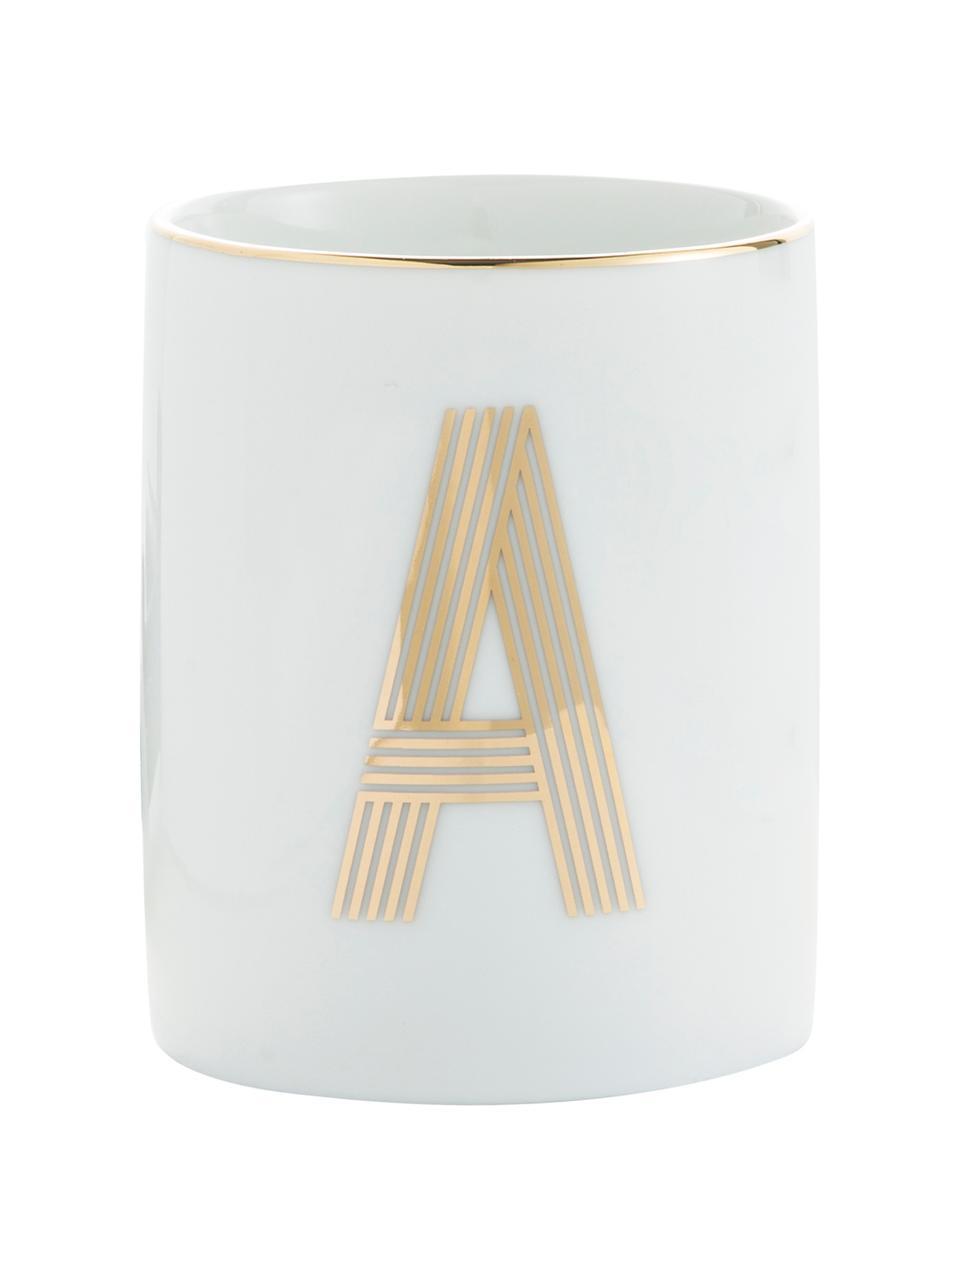 Porzellanbecher Yours mit Buchstaben (Varianten von A bis Z) in Gold, Porzellan, Weiß, Goldfarben, Becher A